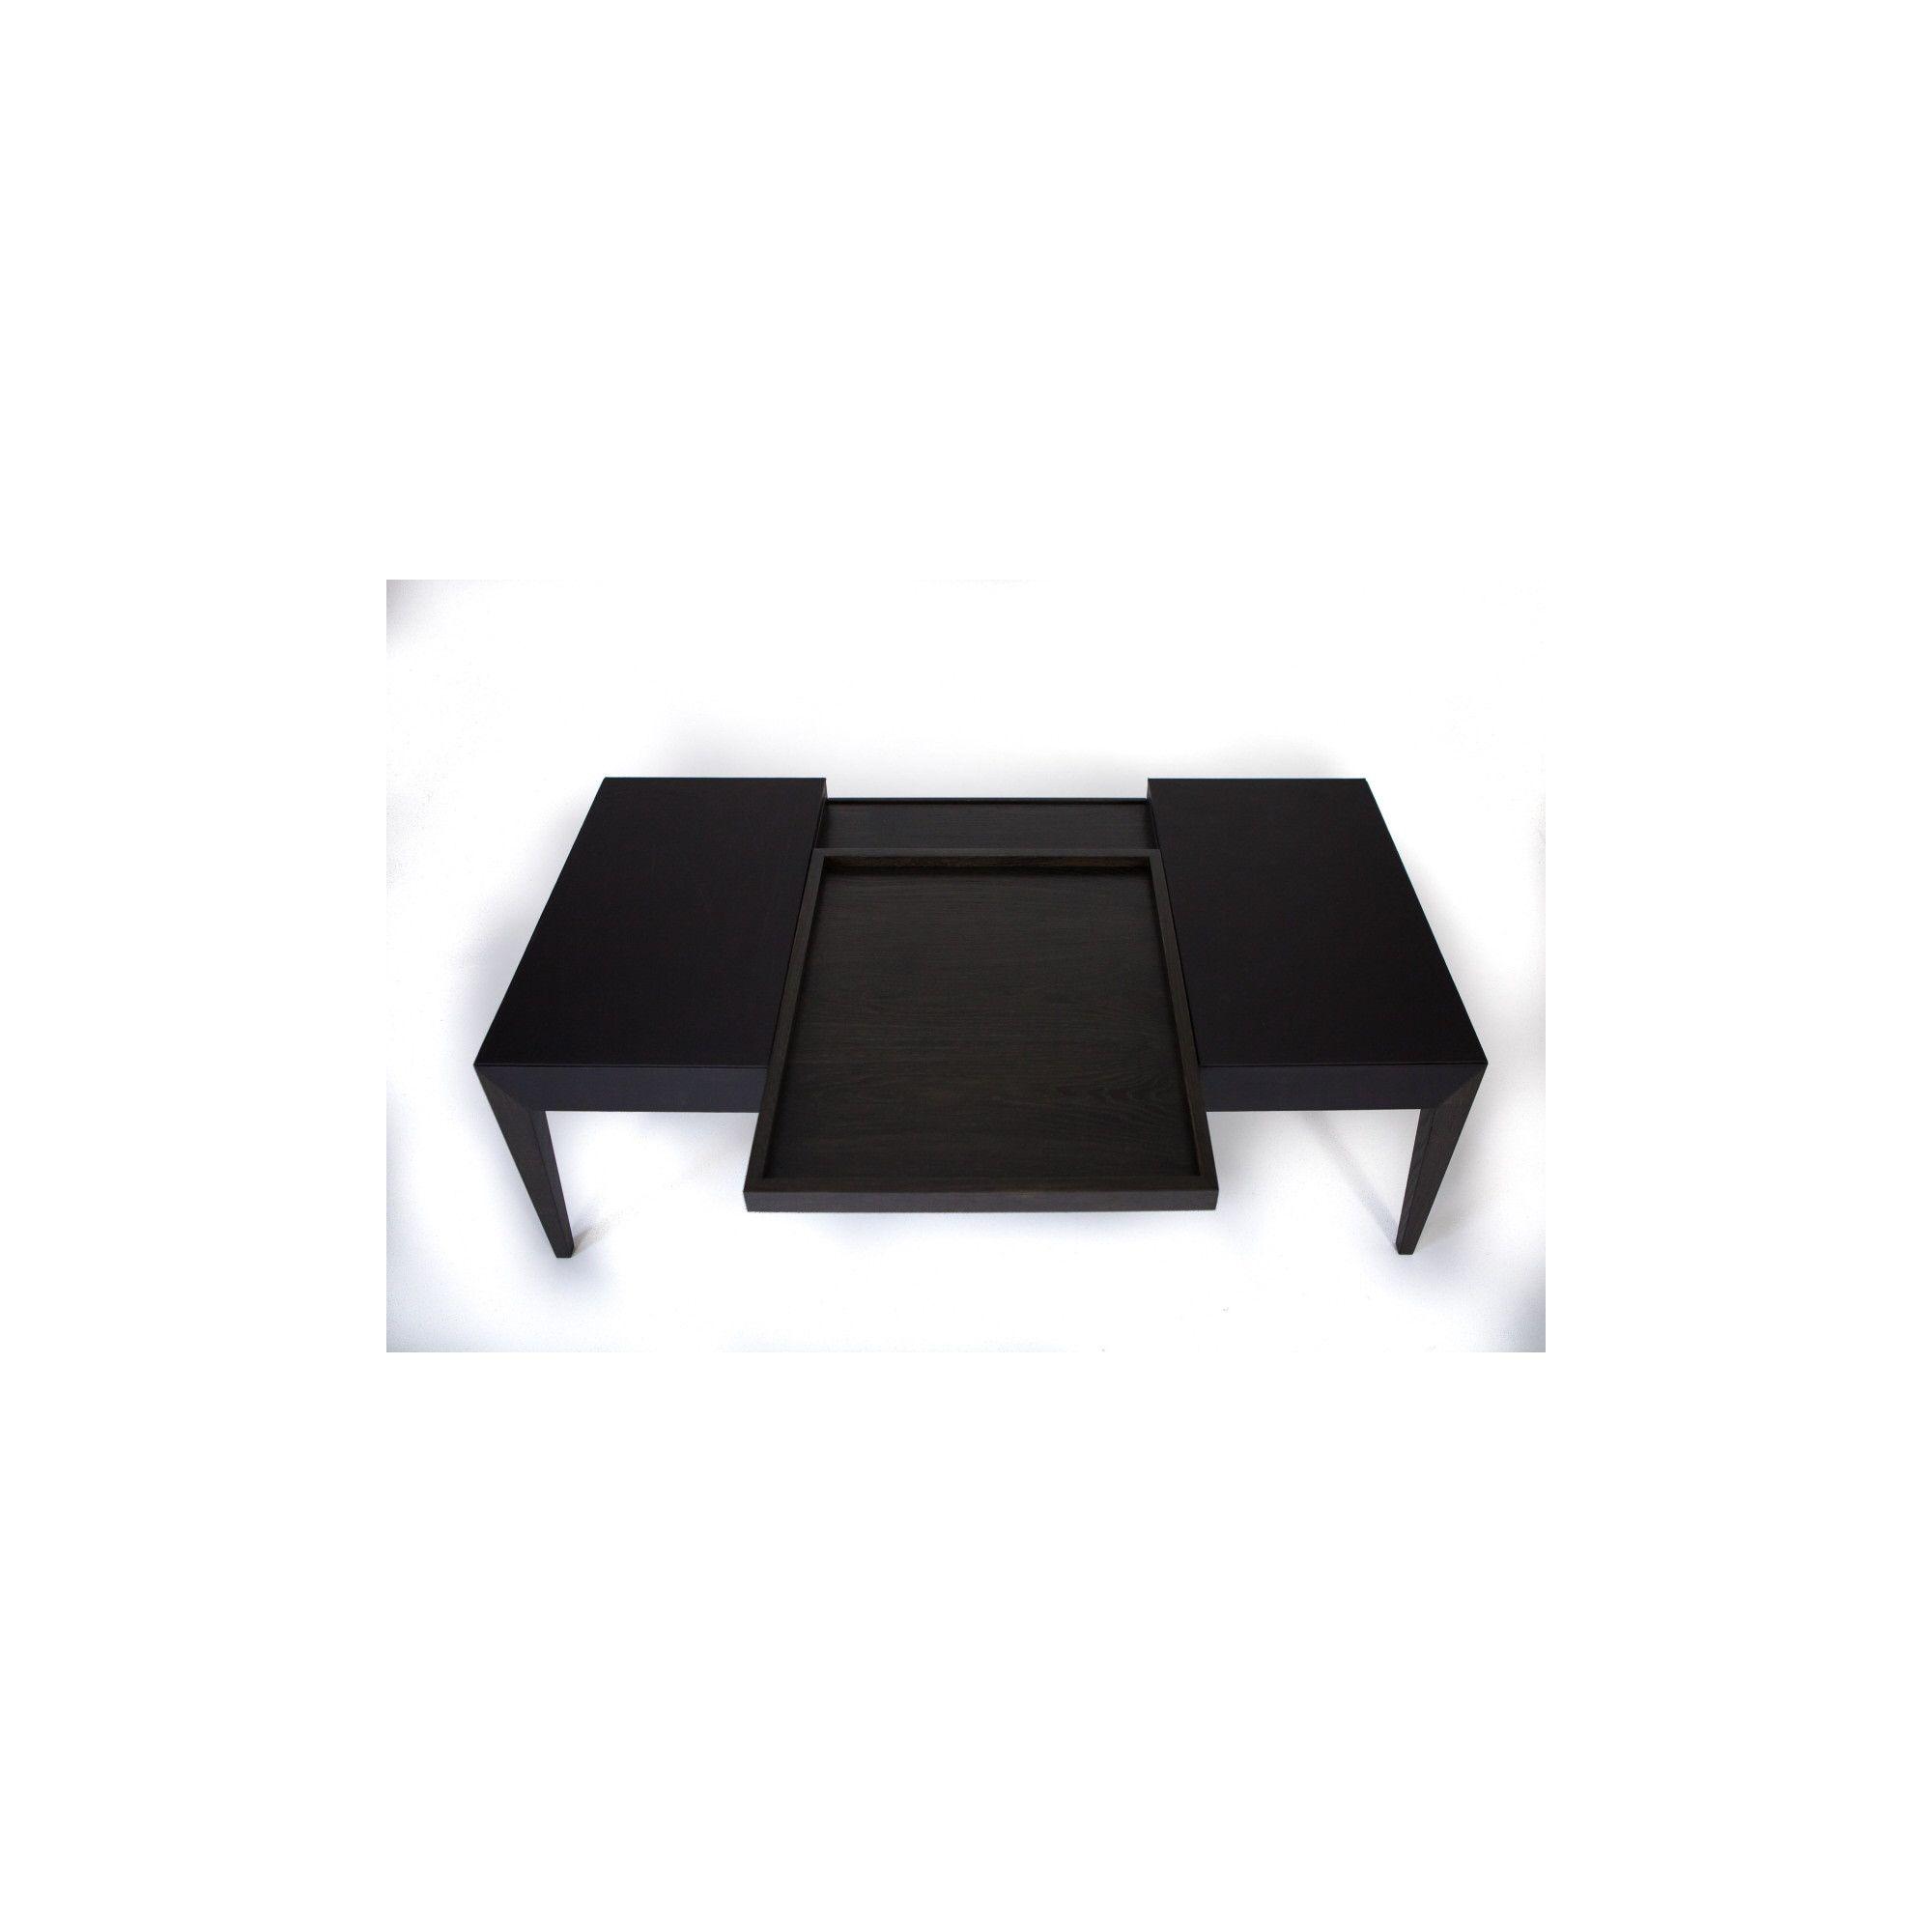 Novita Furniture Design Voltaire Coffee Table at Tesco Direct